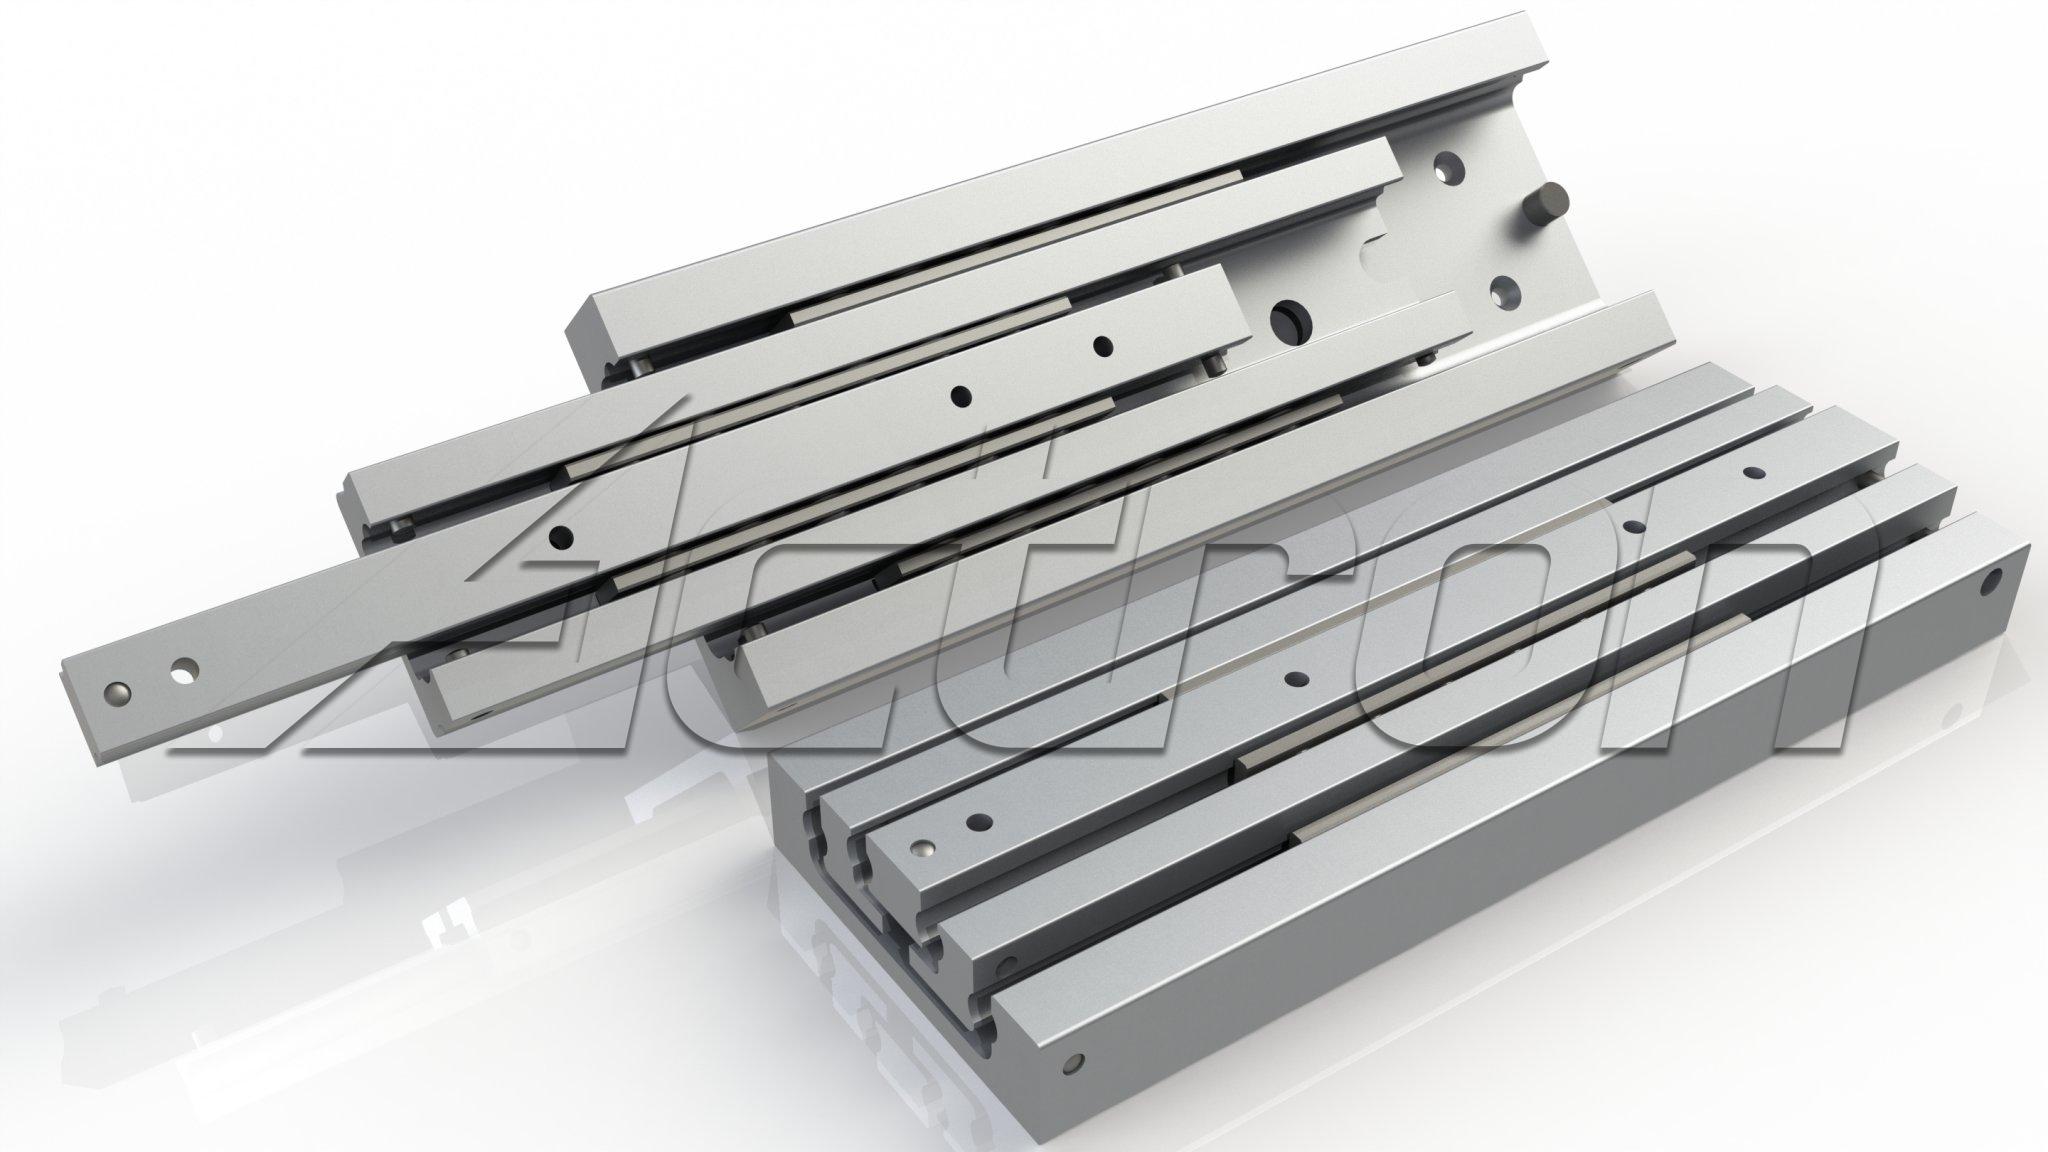 slide-assy-8211-aluminum-1-66-8243-x-5-00-8243-4914-a6720.jpg